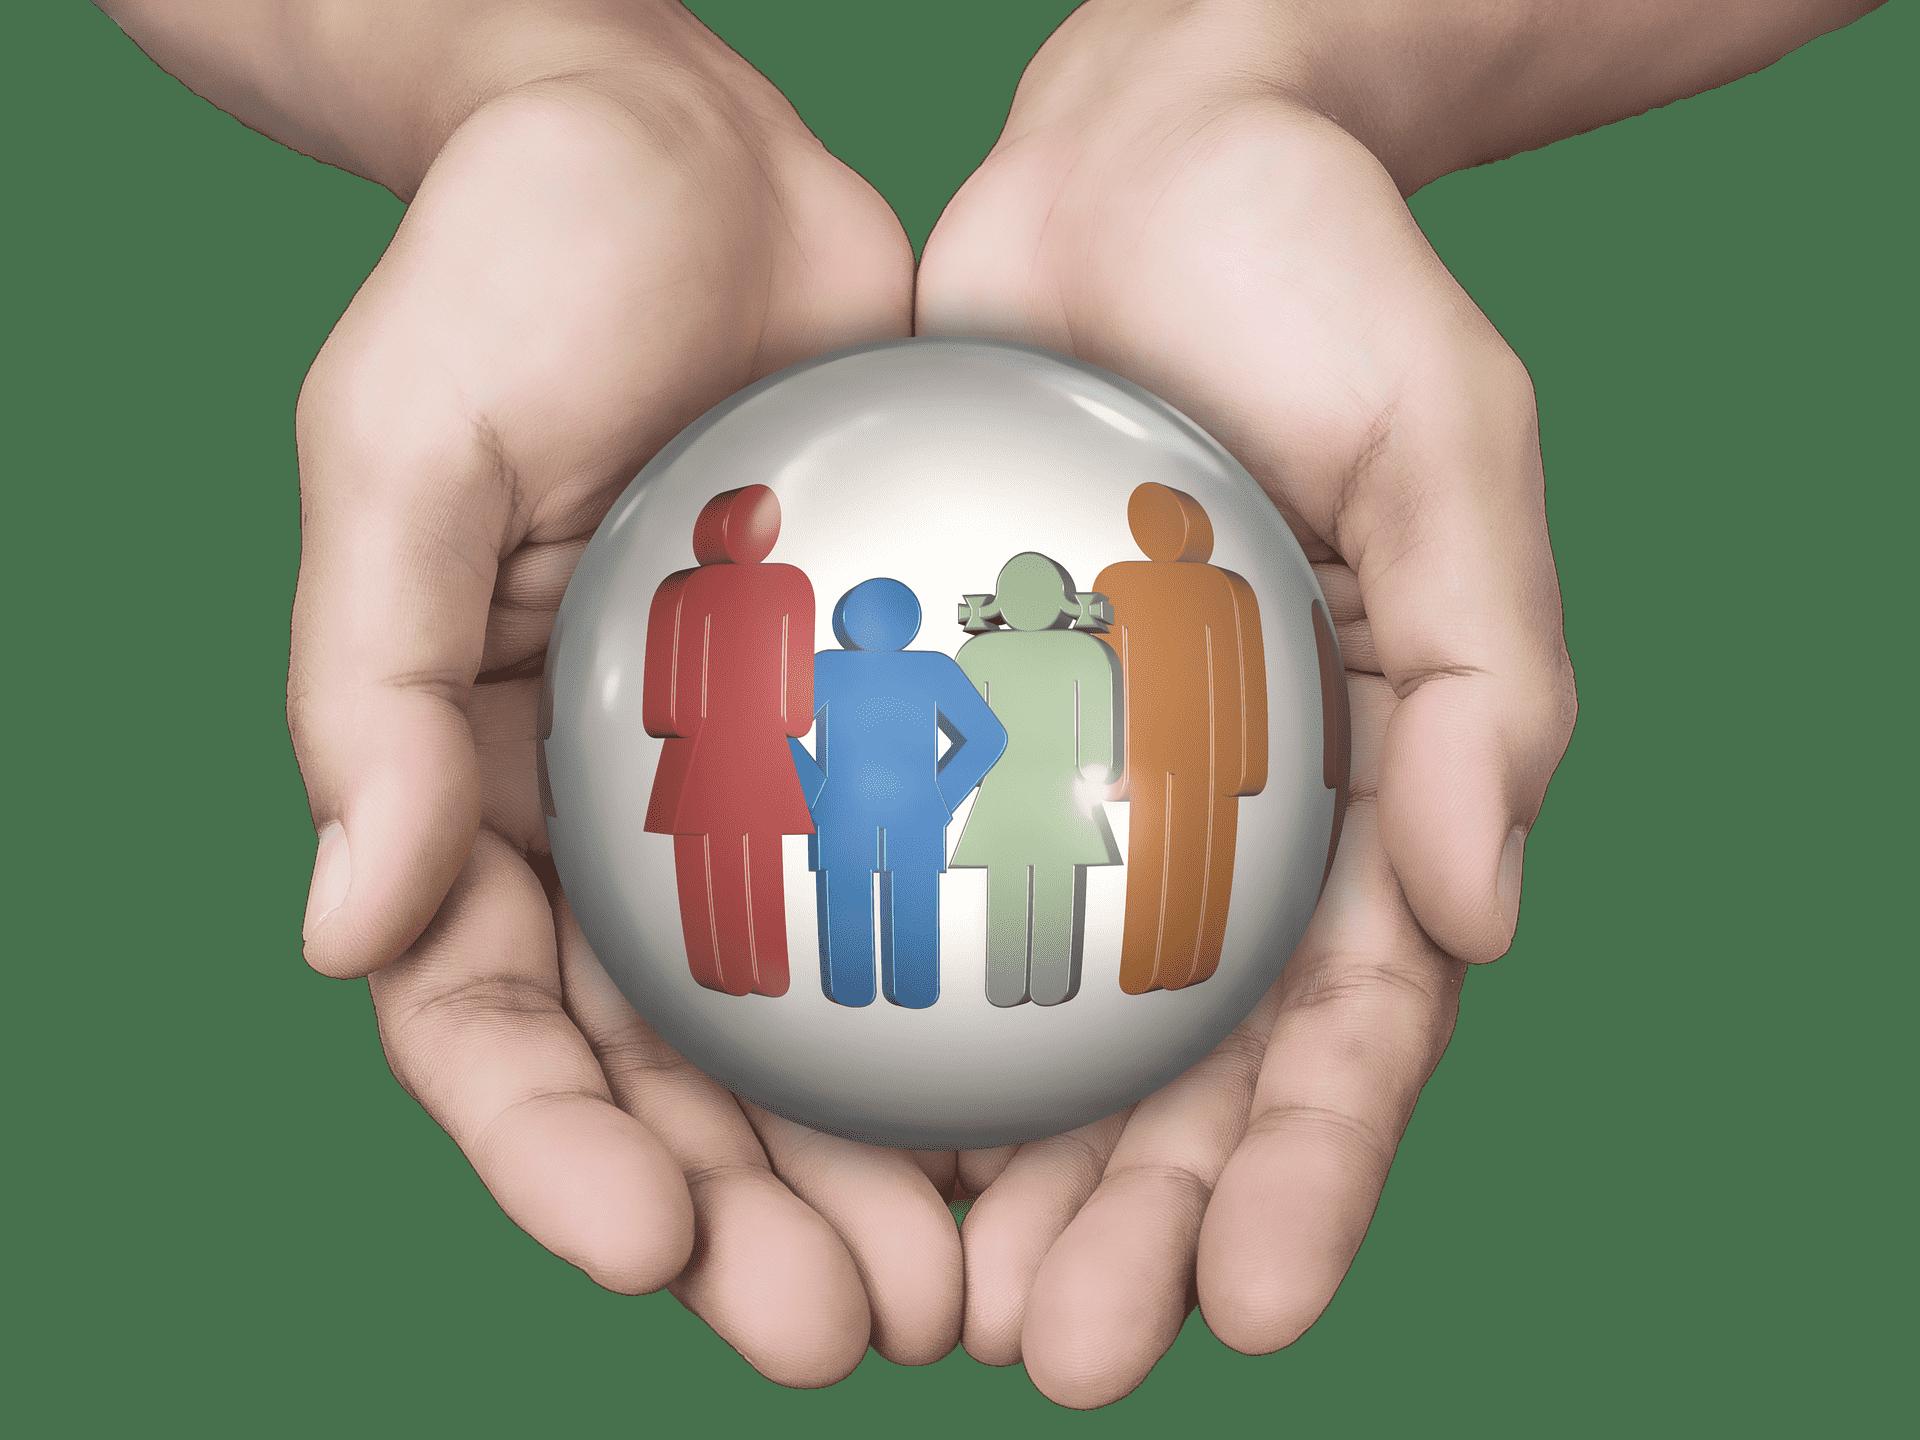 mãos segurando uma esfera com ícone de 4 pessoas